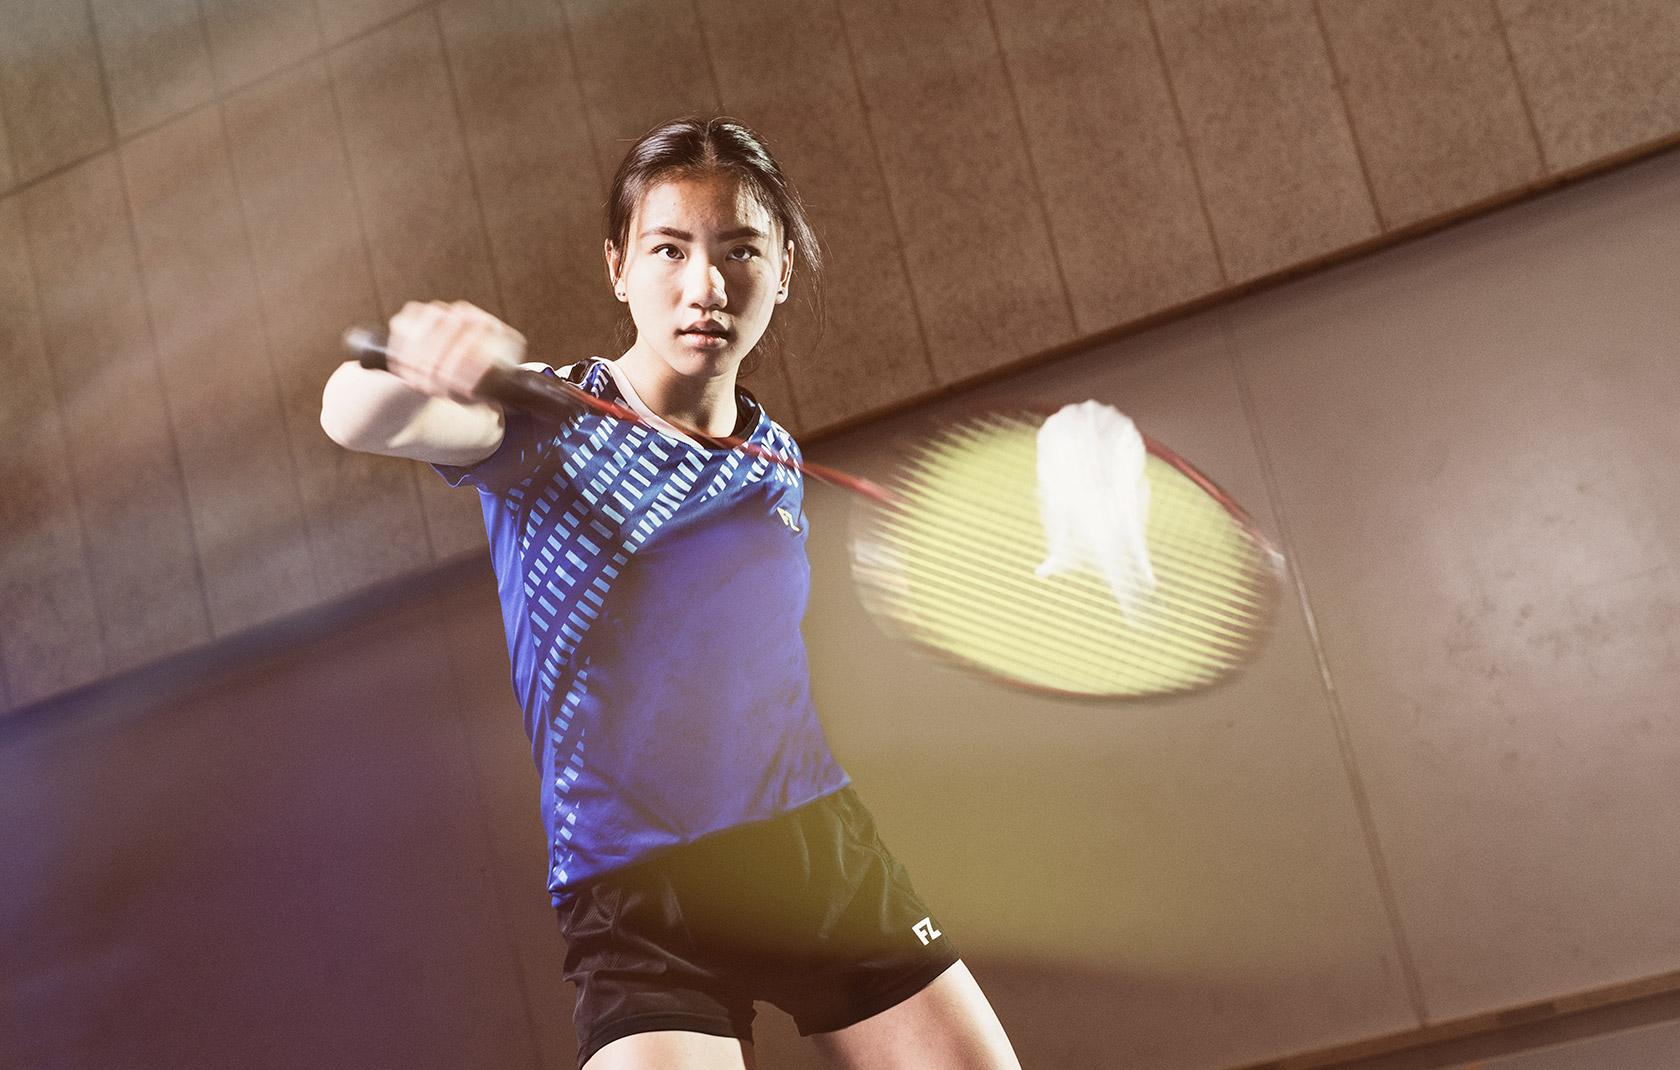 badmintonspiller slår til fjerbold